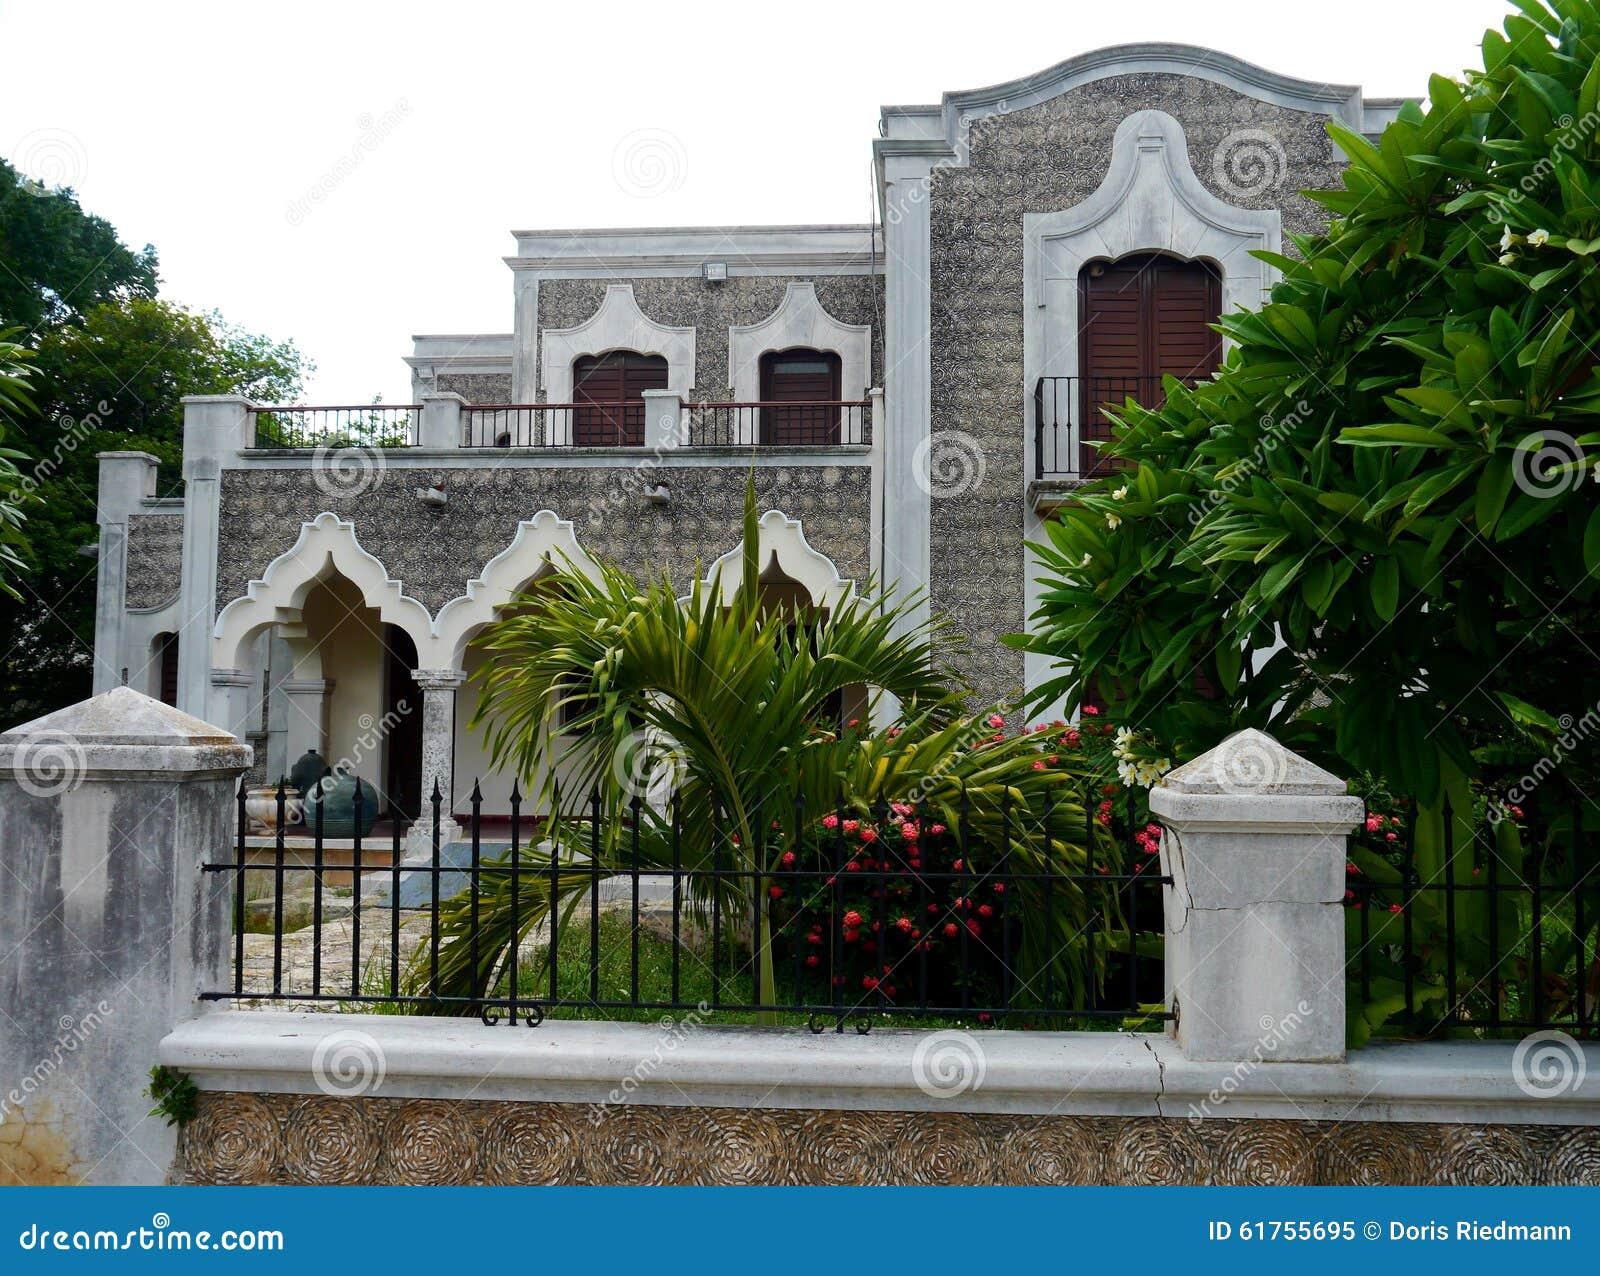 Arquitectura colonial de la casa de merida mexico foto de archivo imagen 61755695 - Foto casa merida ...